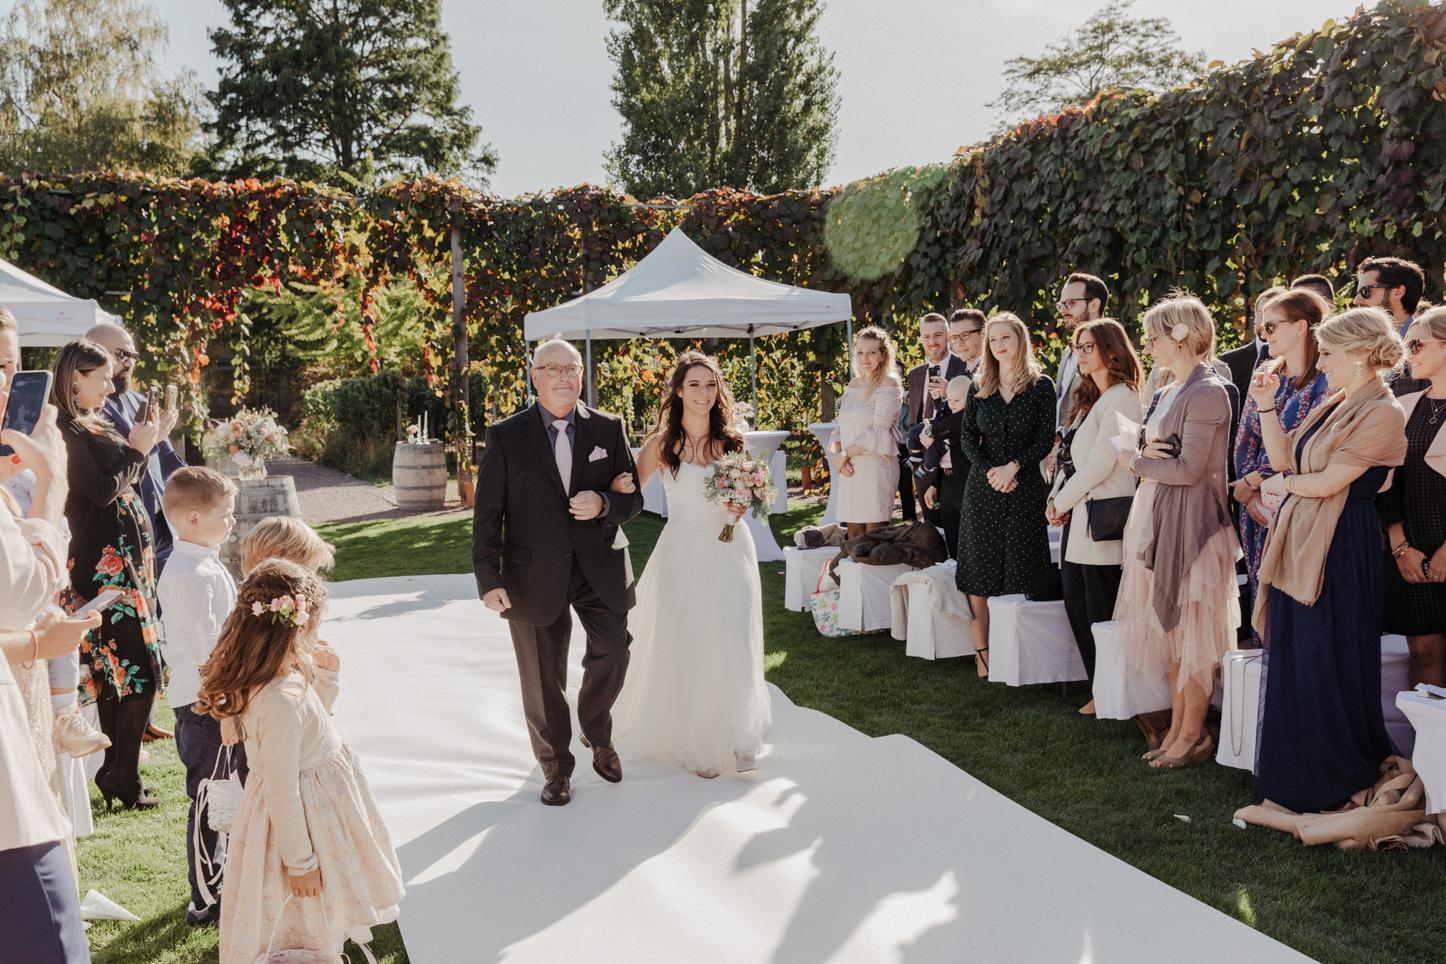 Brautvater mit Braut bei der Trauung